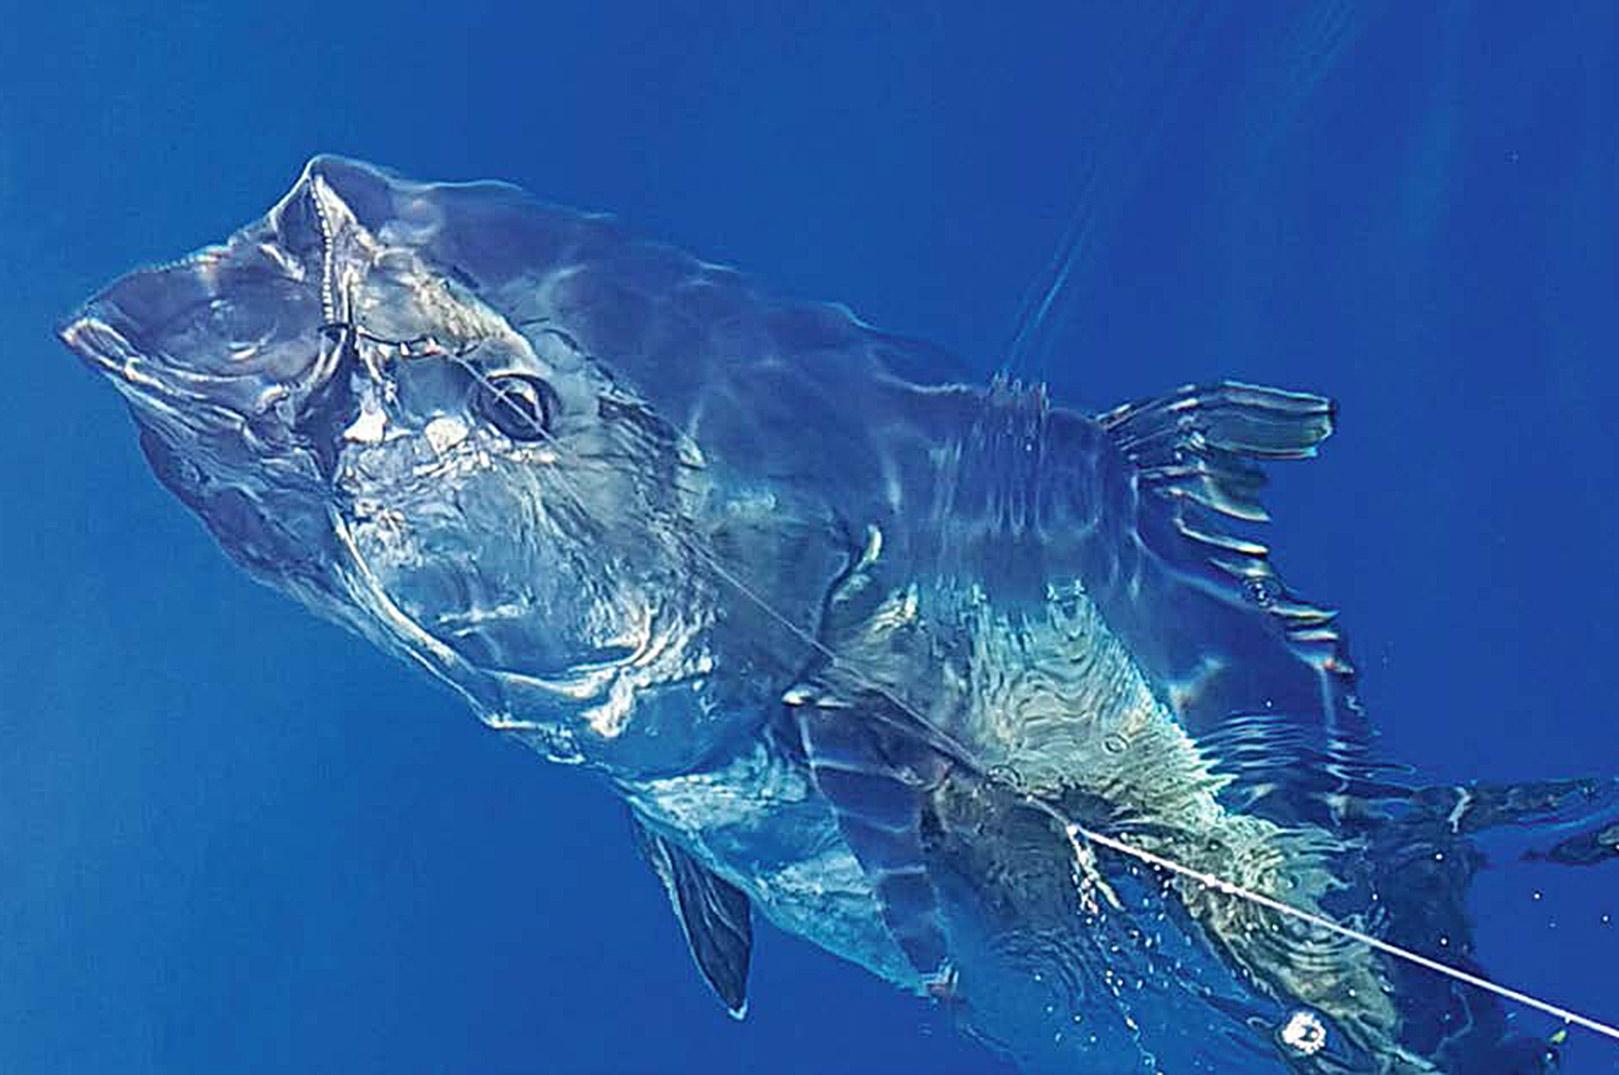 Vander er krystal klart, så man kan se hver en detalje på fisken, allerede mens den er et godt stykke ned i vandet.